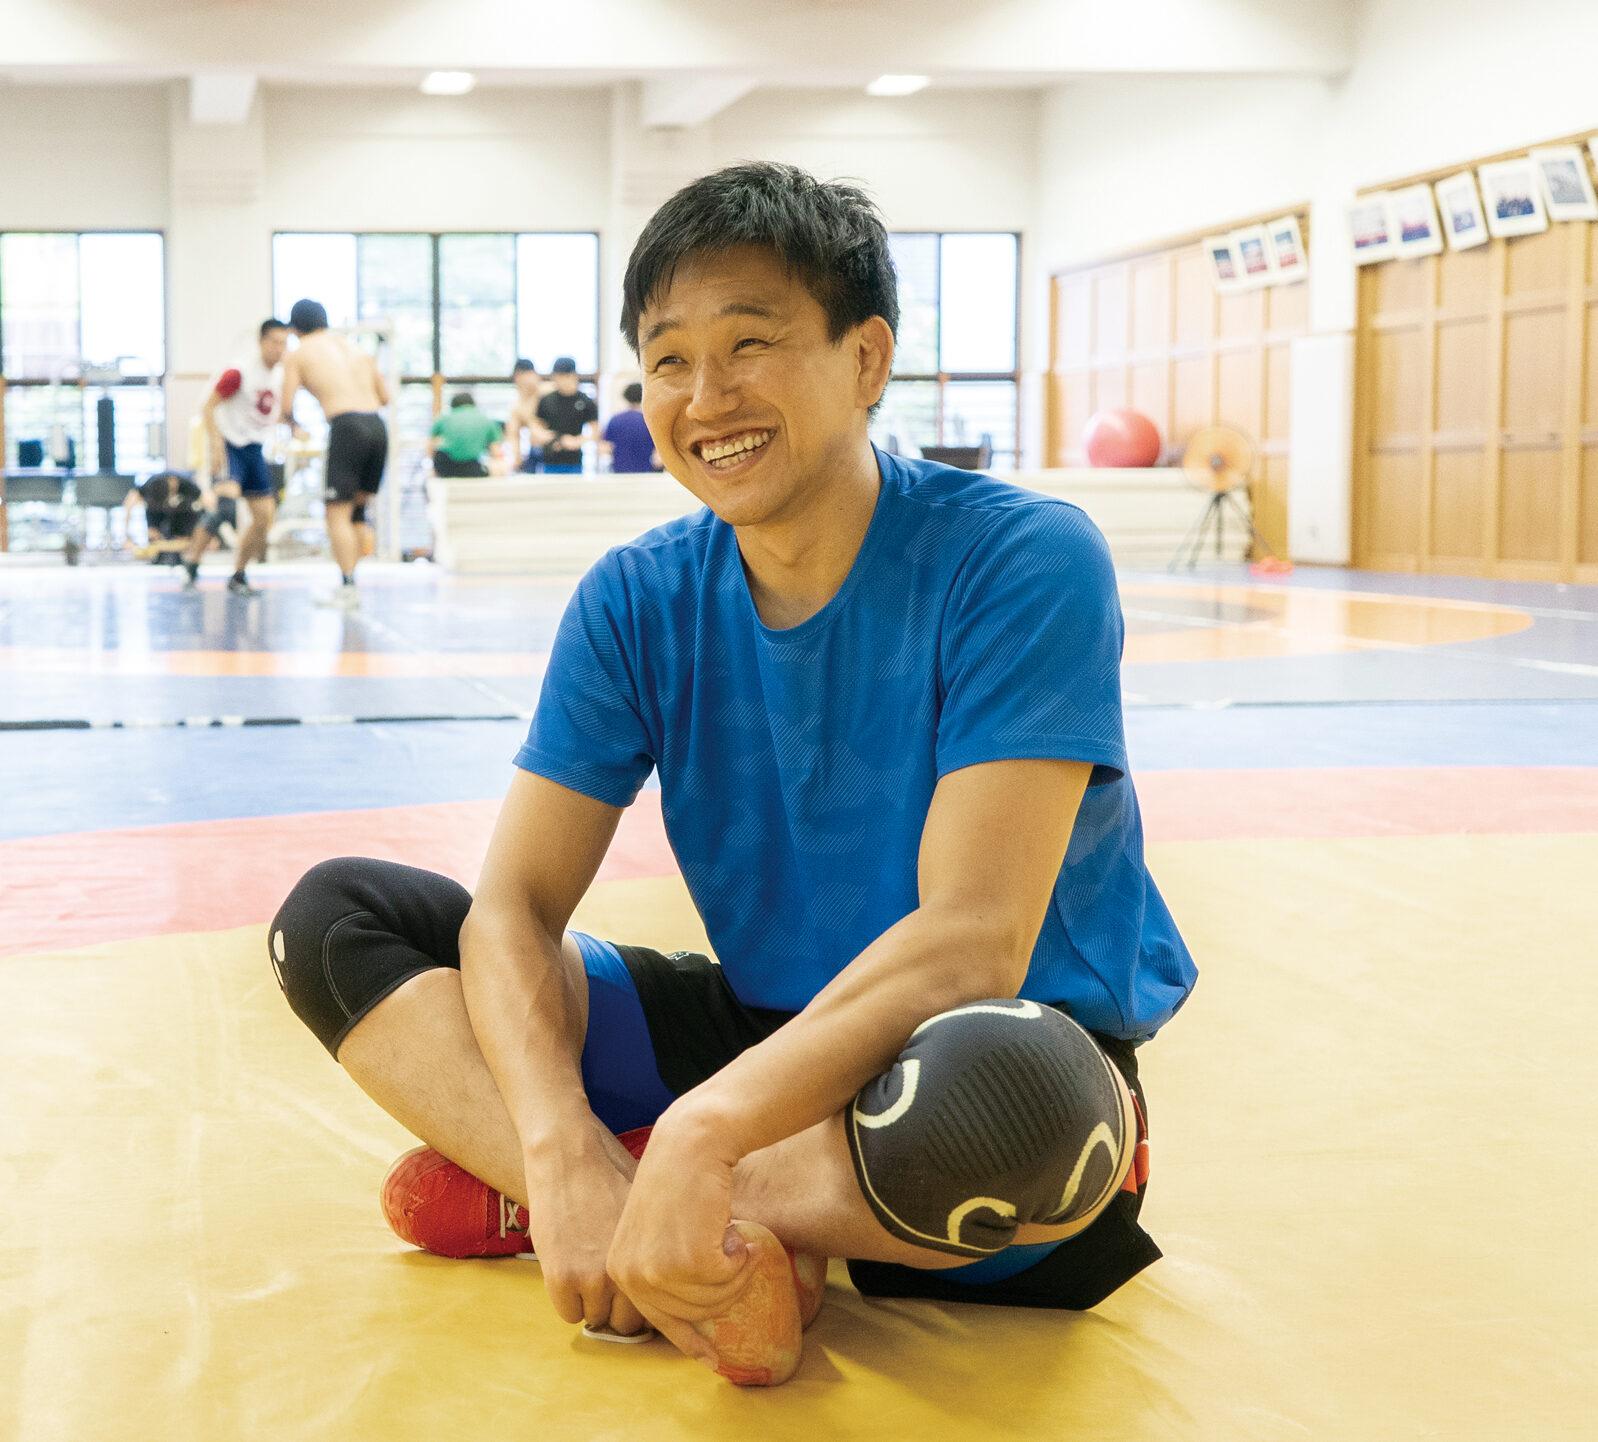 どんなときも、公正公平に。 国際審判員として、東京五輪に参加。